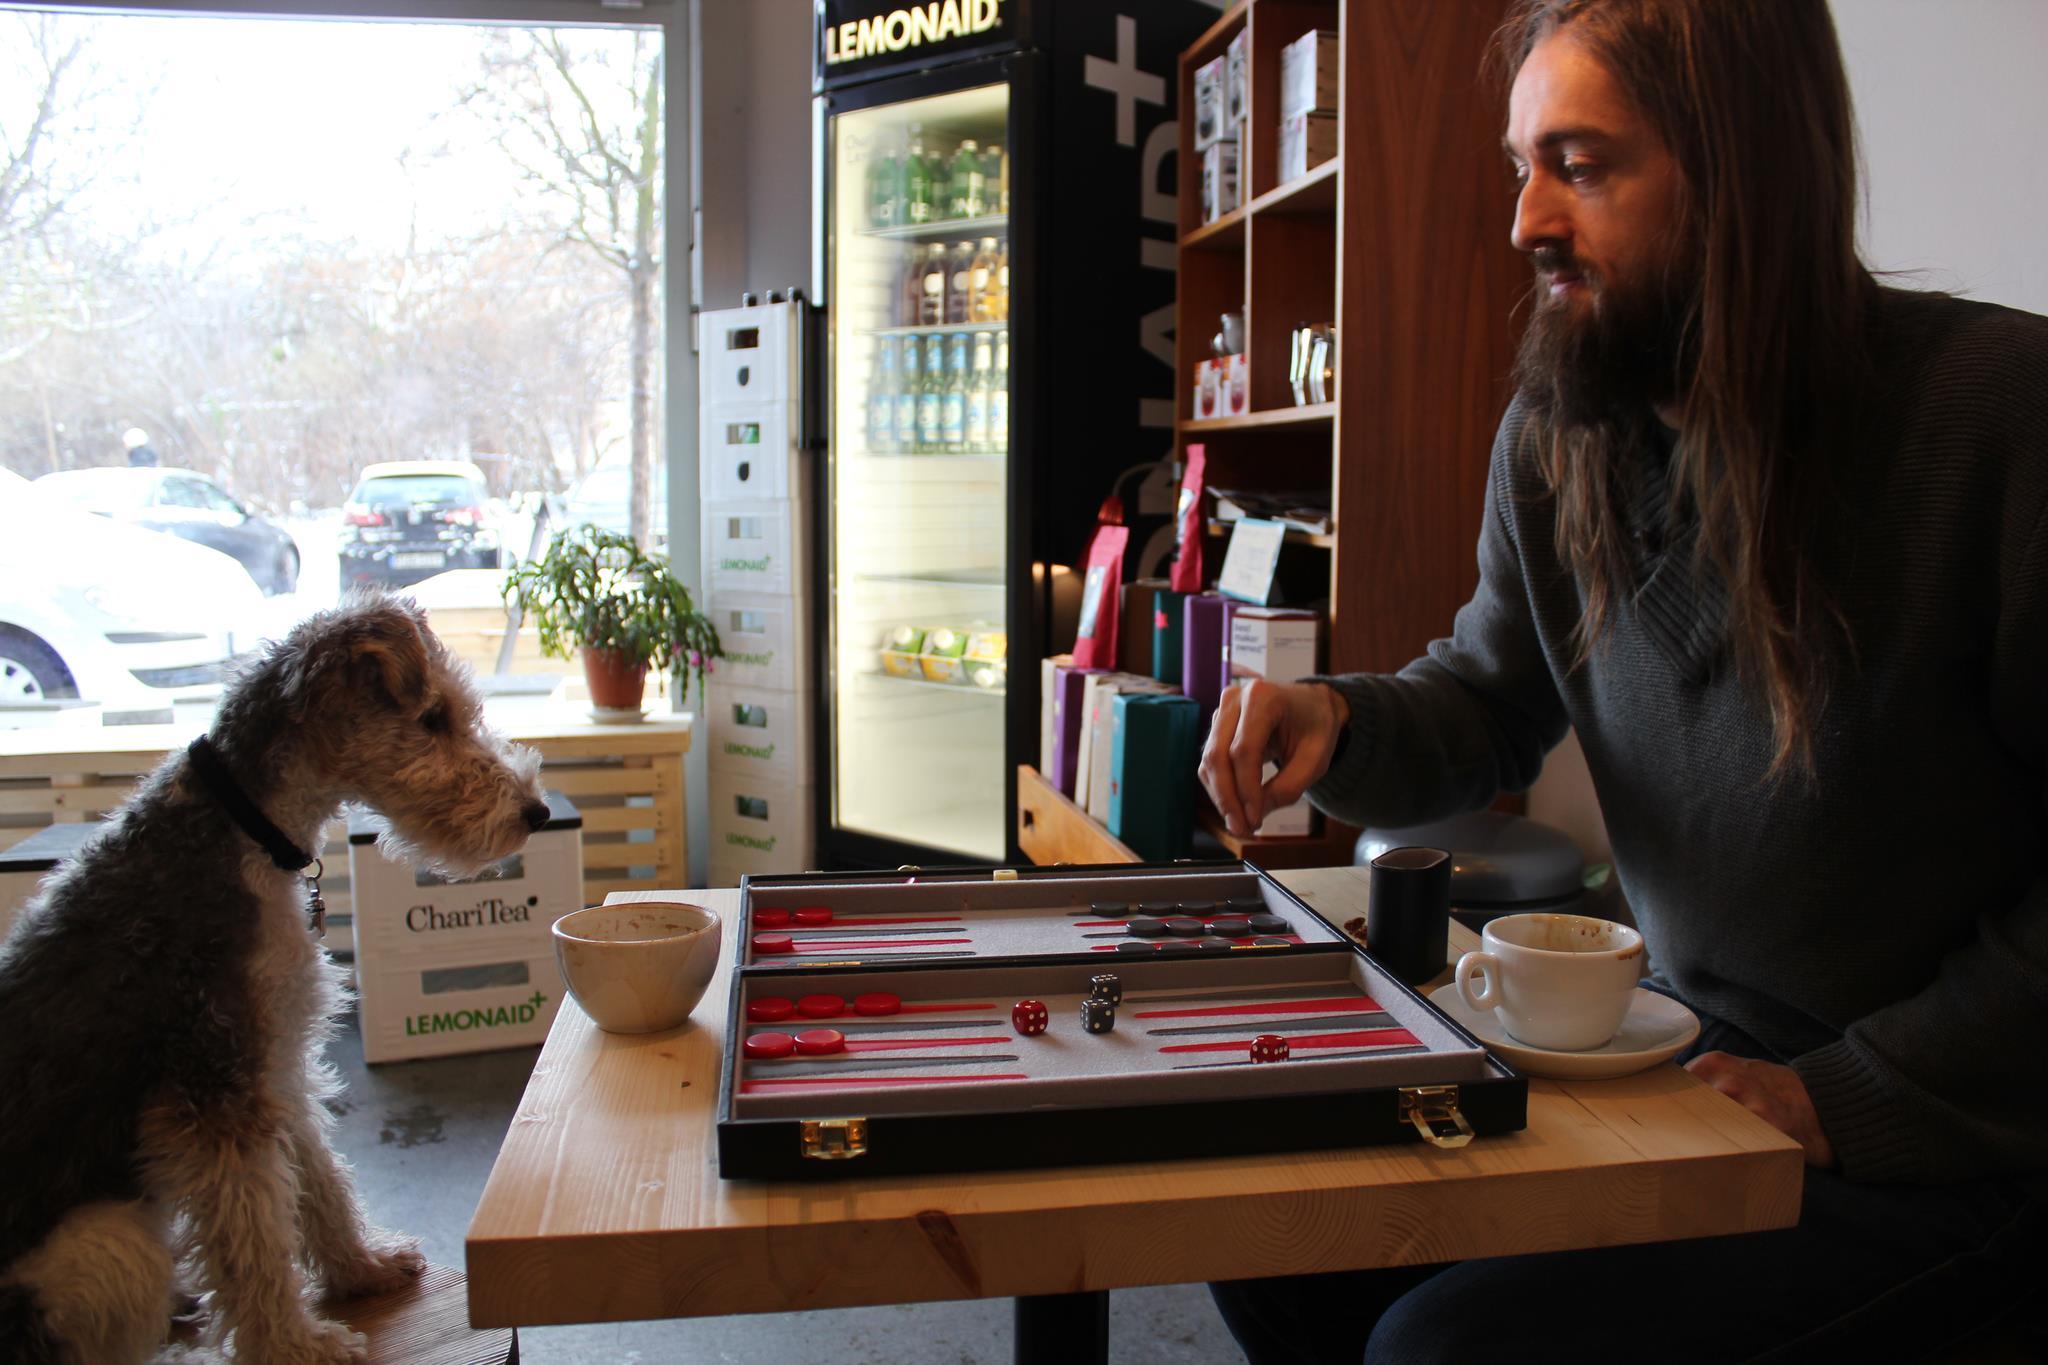 Oslo kaffebar, Berlin